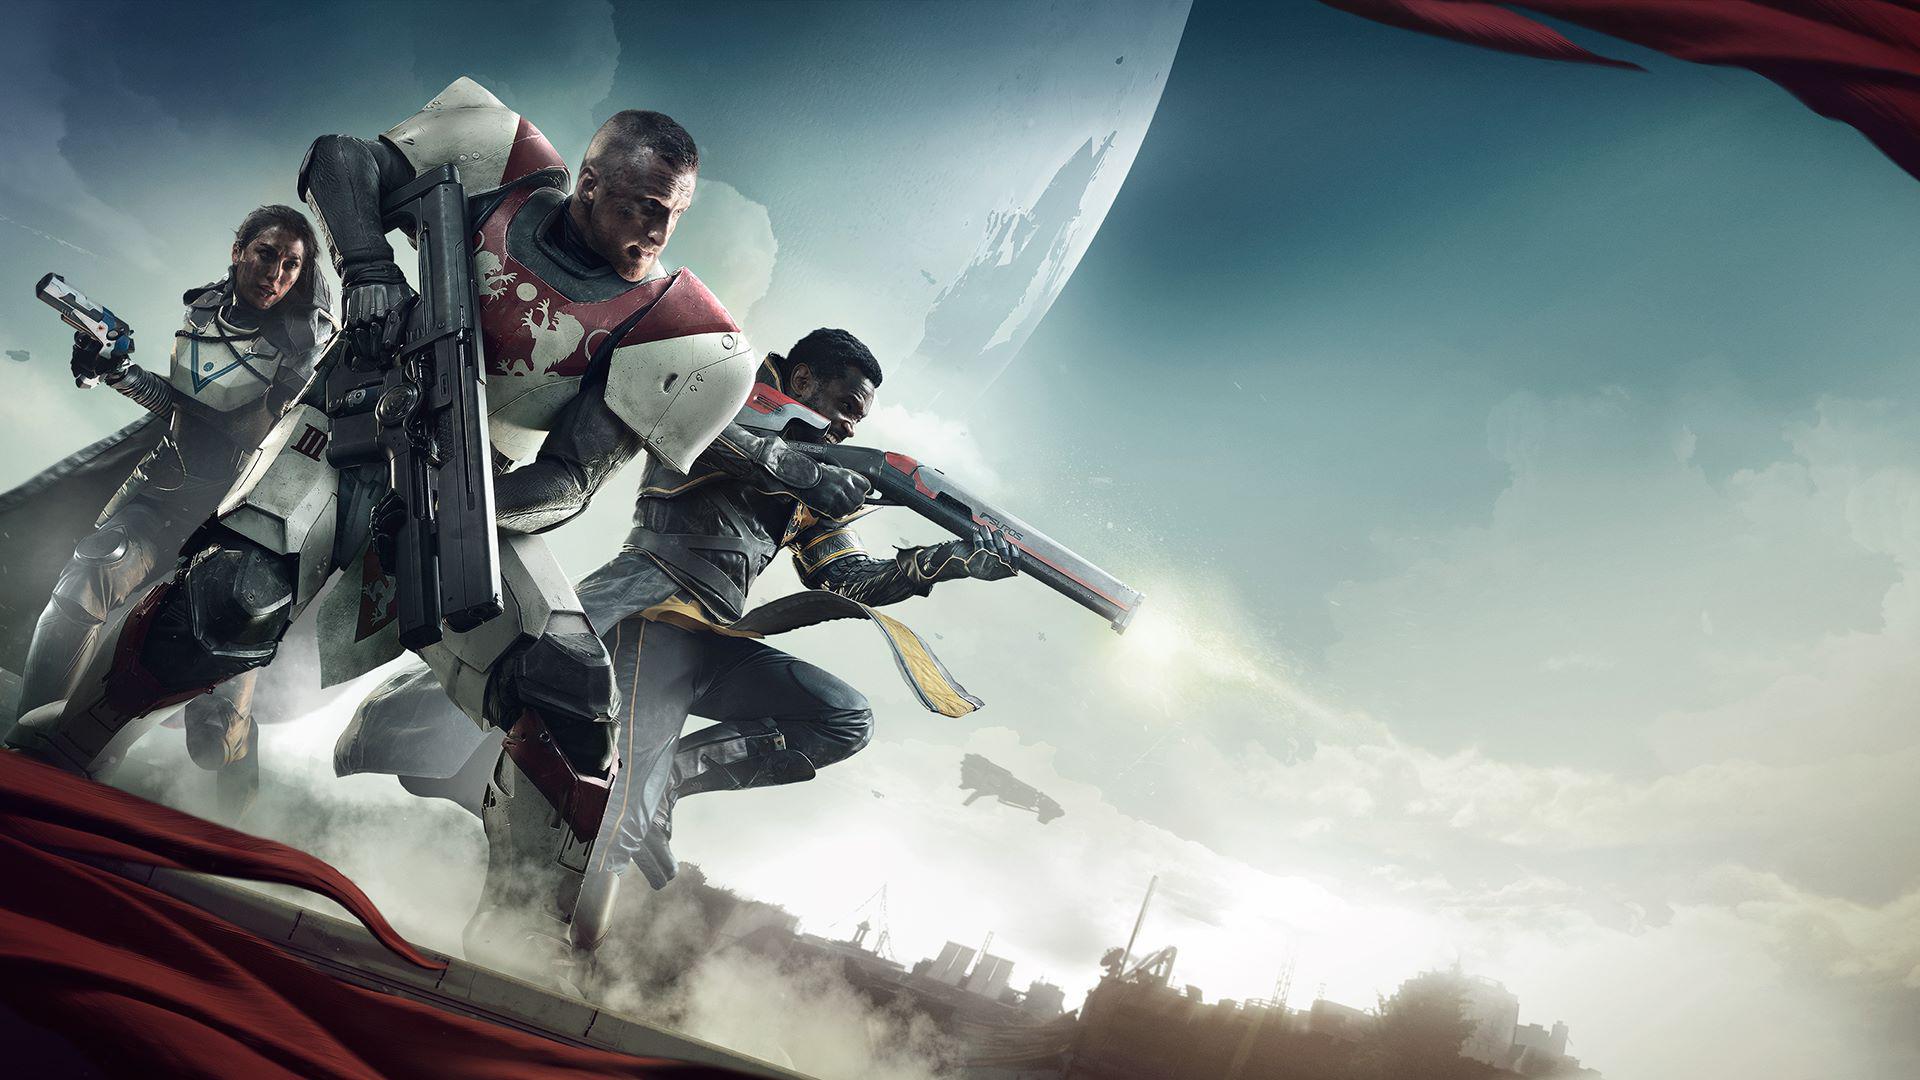 美服9月PSN会免游戏公布《命运2》《战神3》限时领取